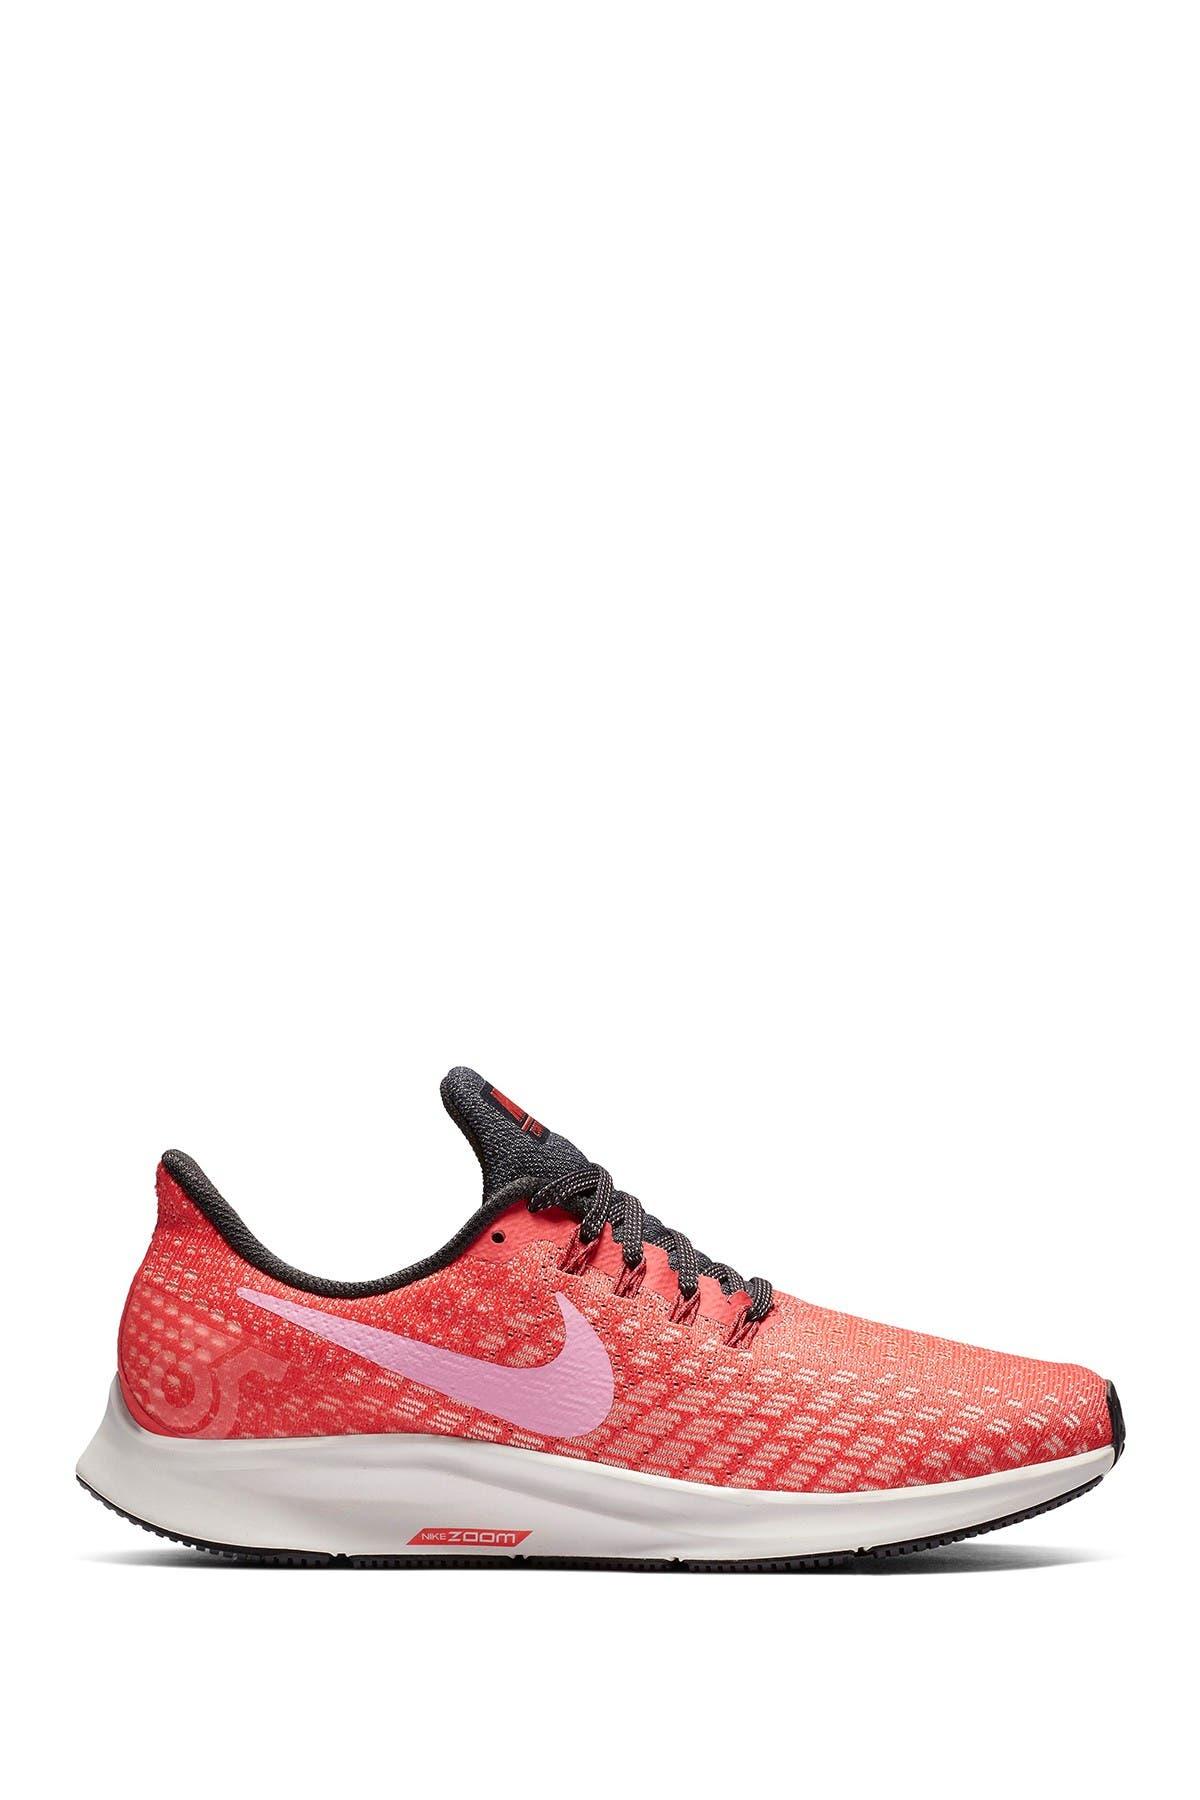 Nike | Air Zoom Pegasus 35 Running Shoe